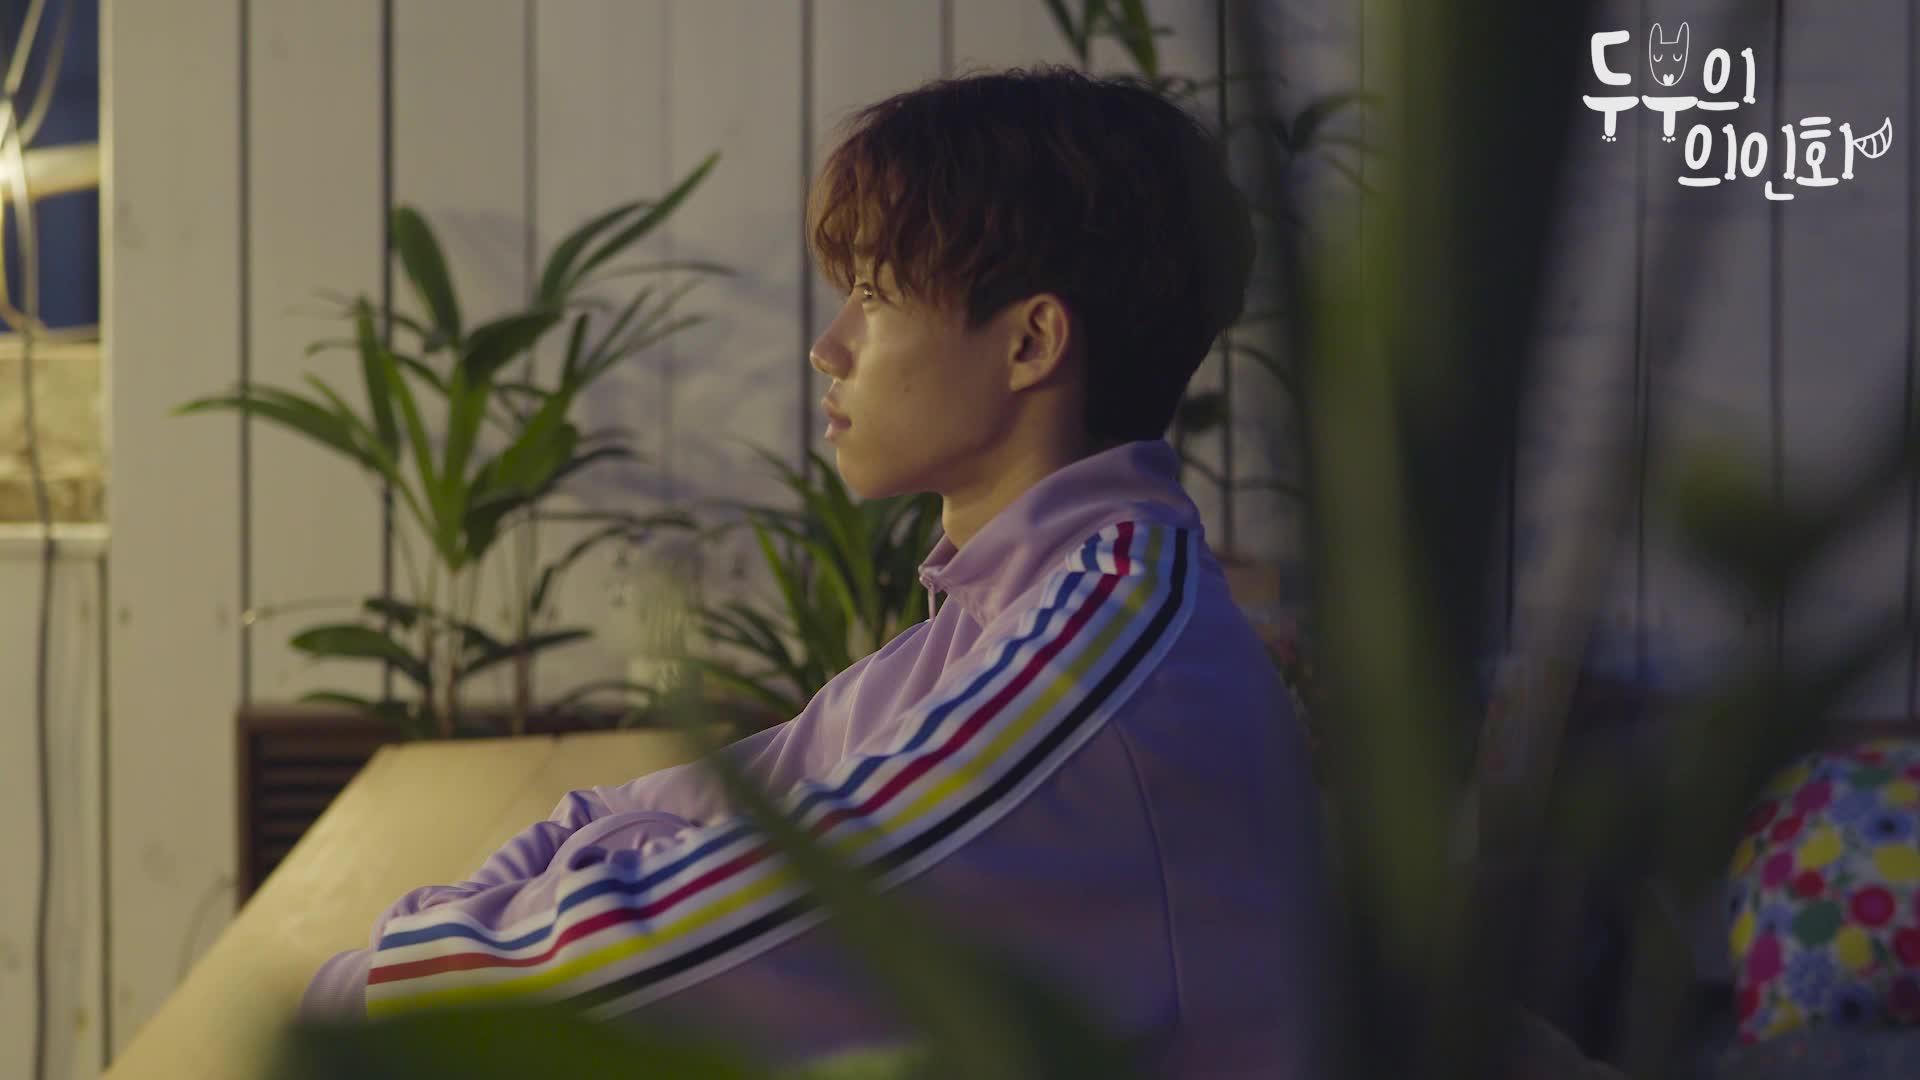 [두부의 의인화] 더 로즈(The Rose) - 너와 OST 뮤직비디오